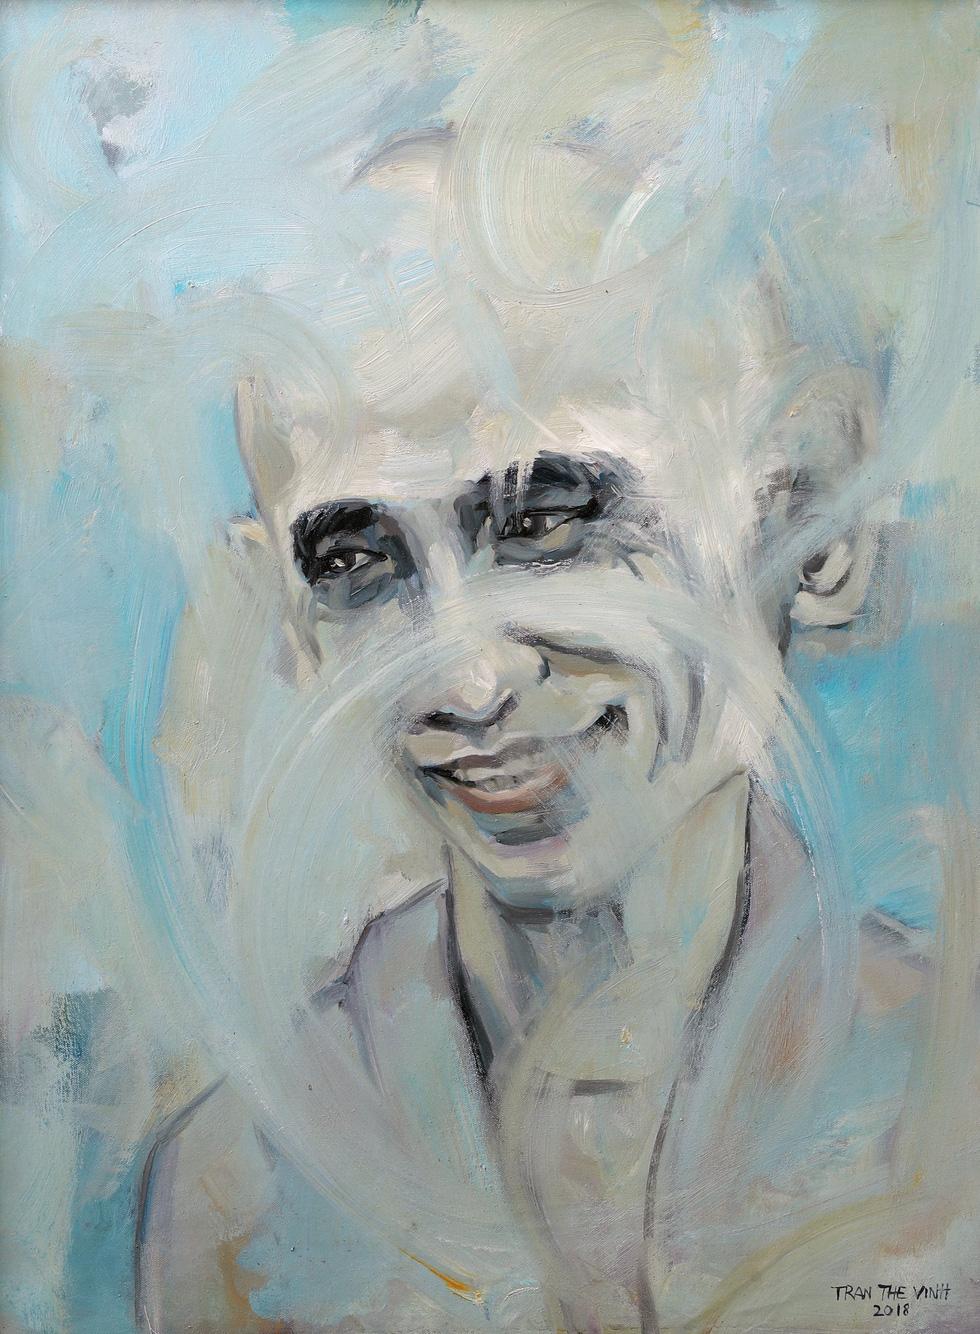 gắm chân dung các văn nghệ sĩ, trí thức tài hoa và truân chuyên - Ảnh 16